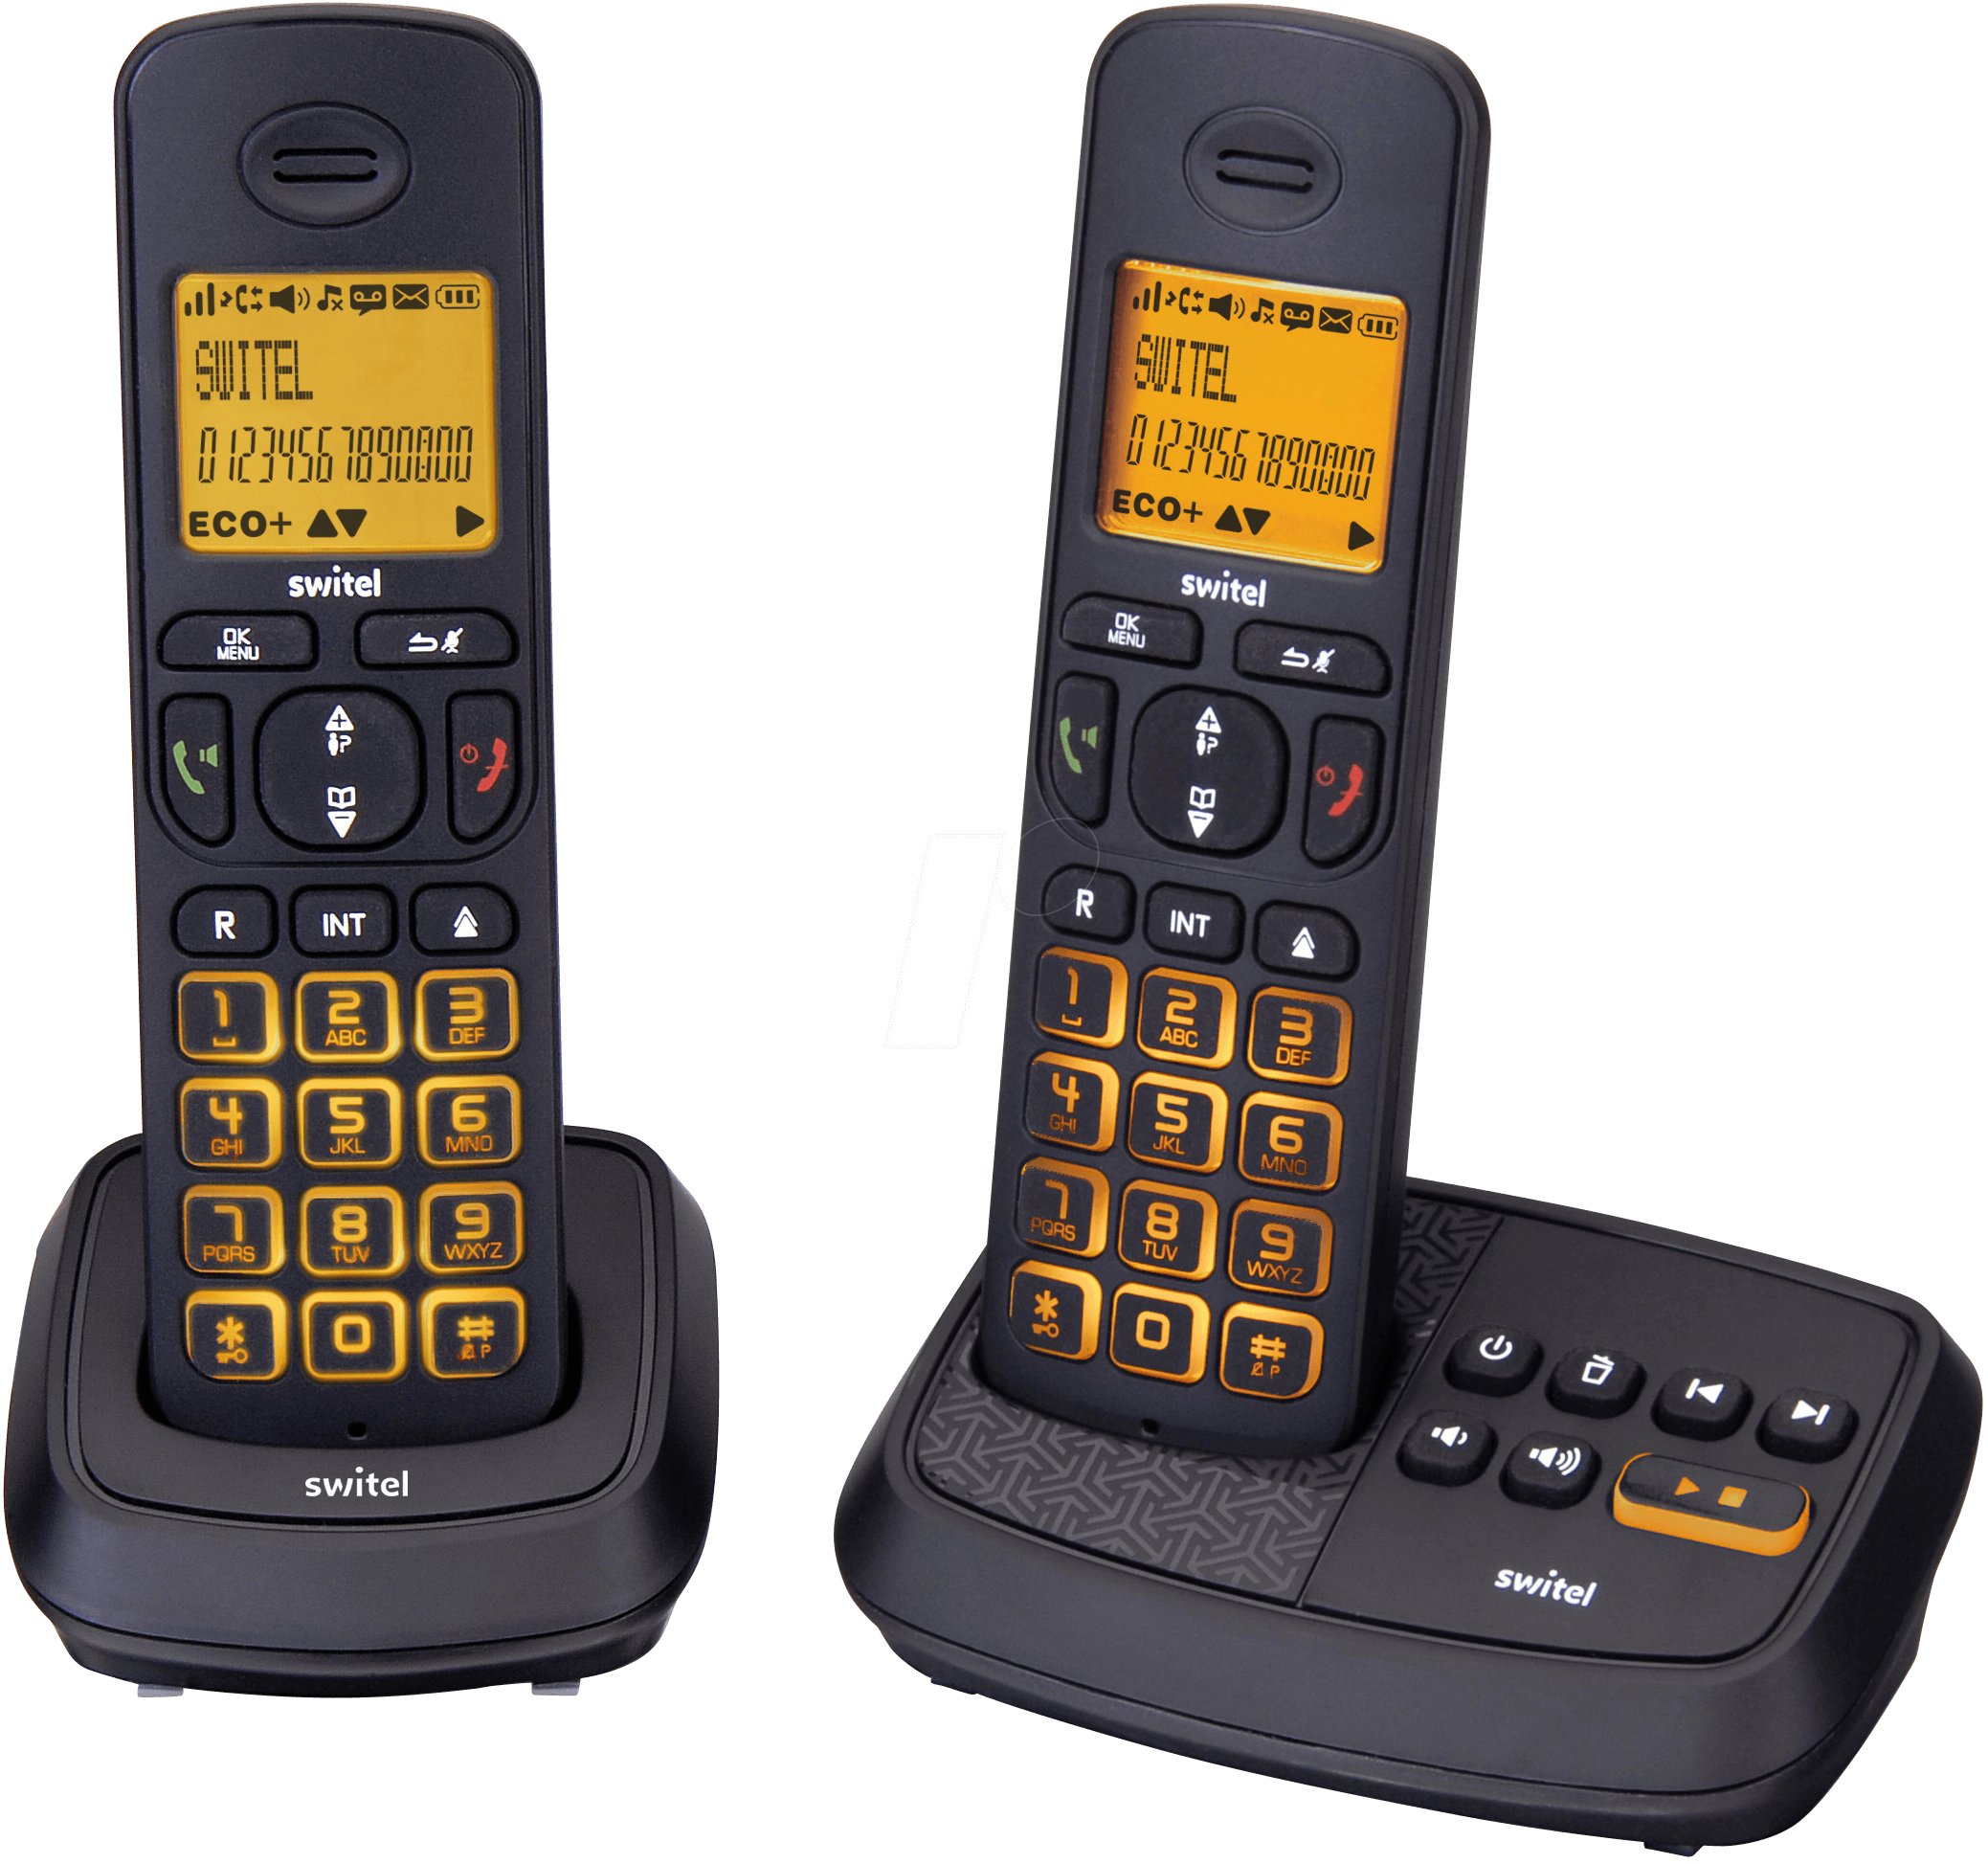 SWITEL DCT59072W - DECT Telefon, 2 Mobilteil mit Ladeschale, AB, schwarz